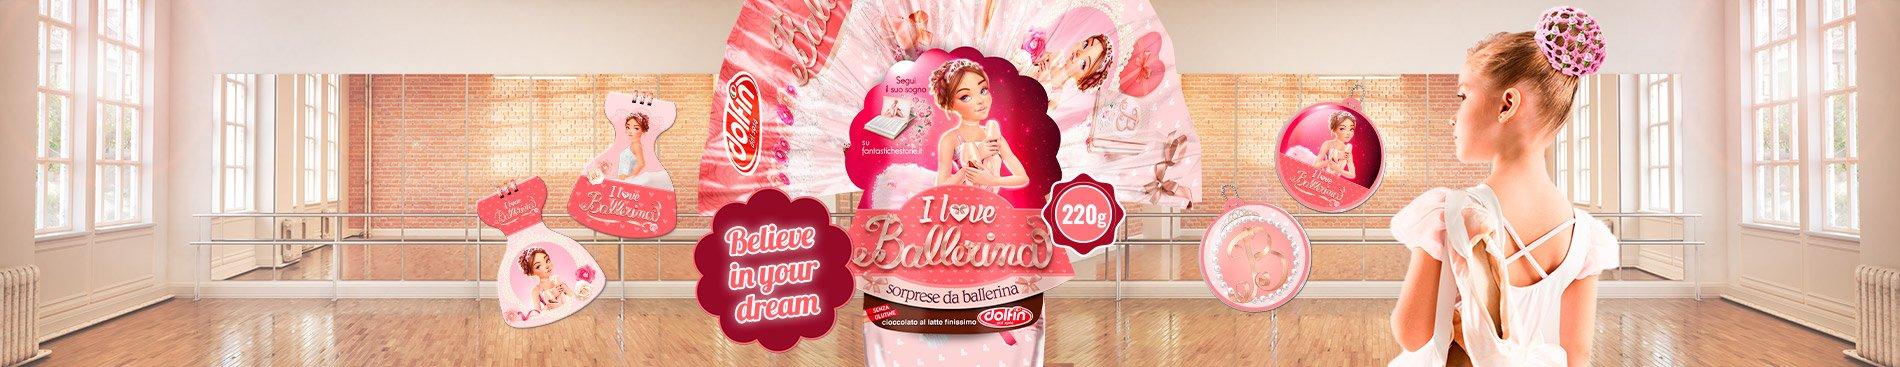 2020 pasqua - I love Ballerina